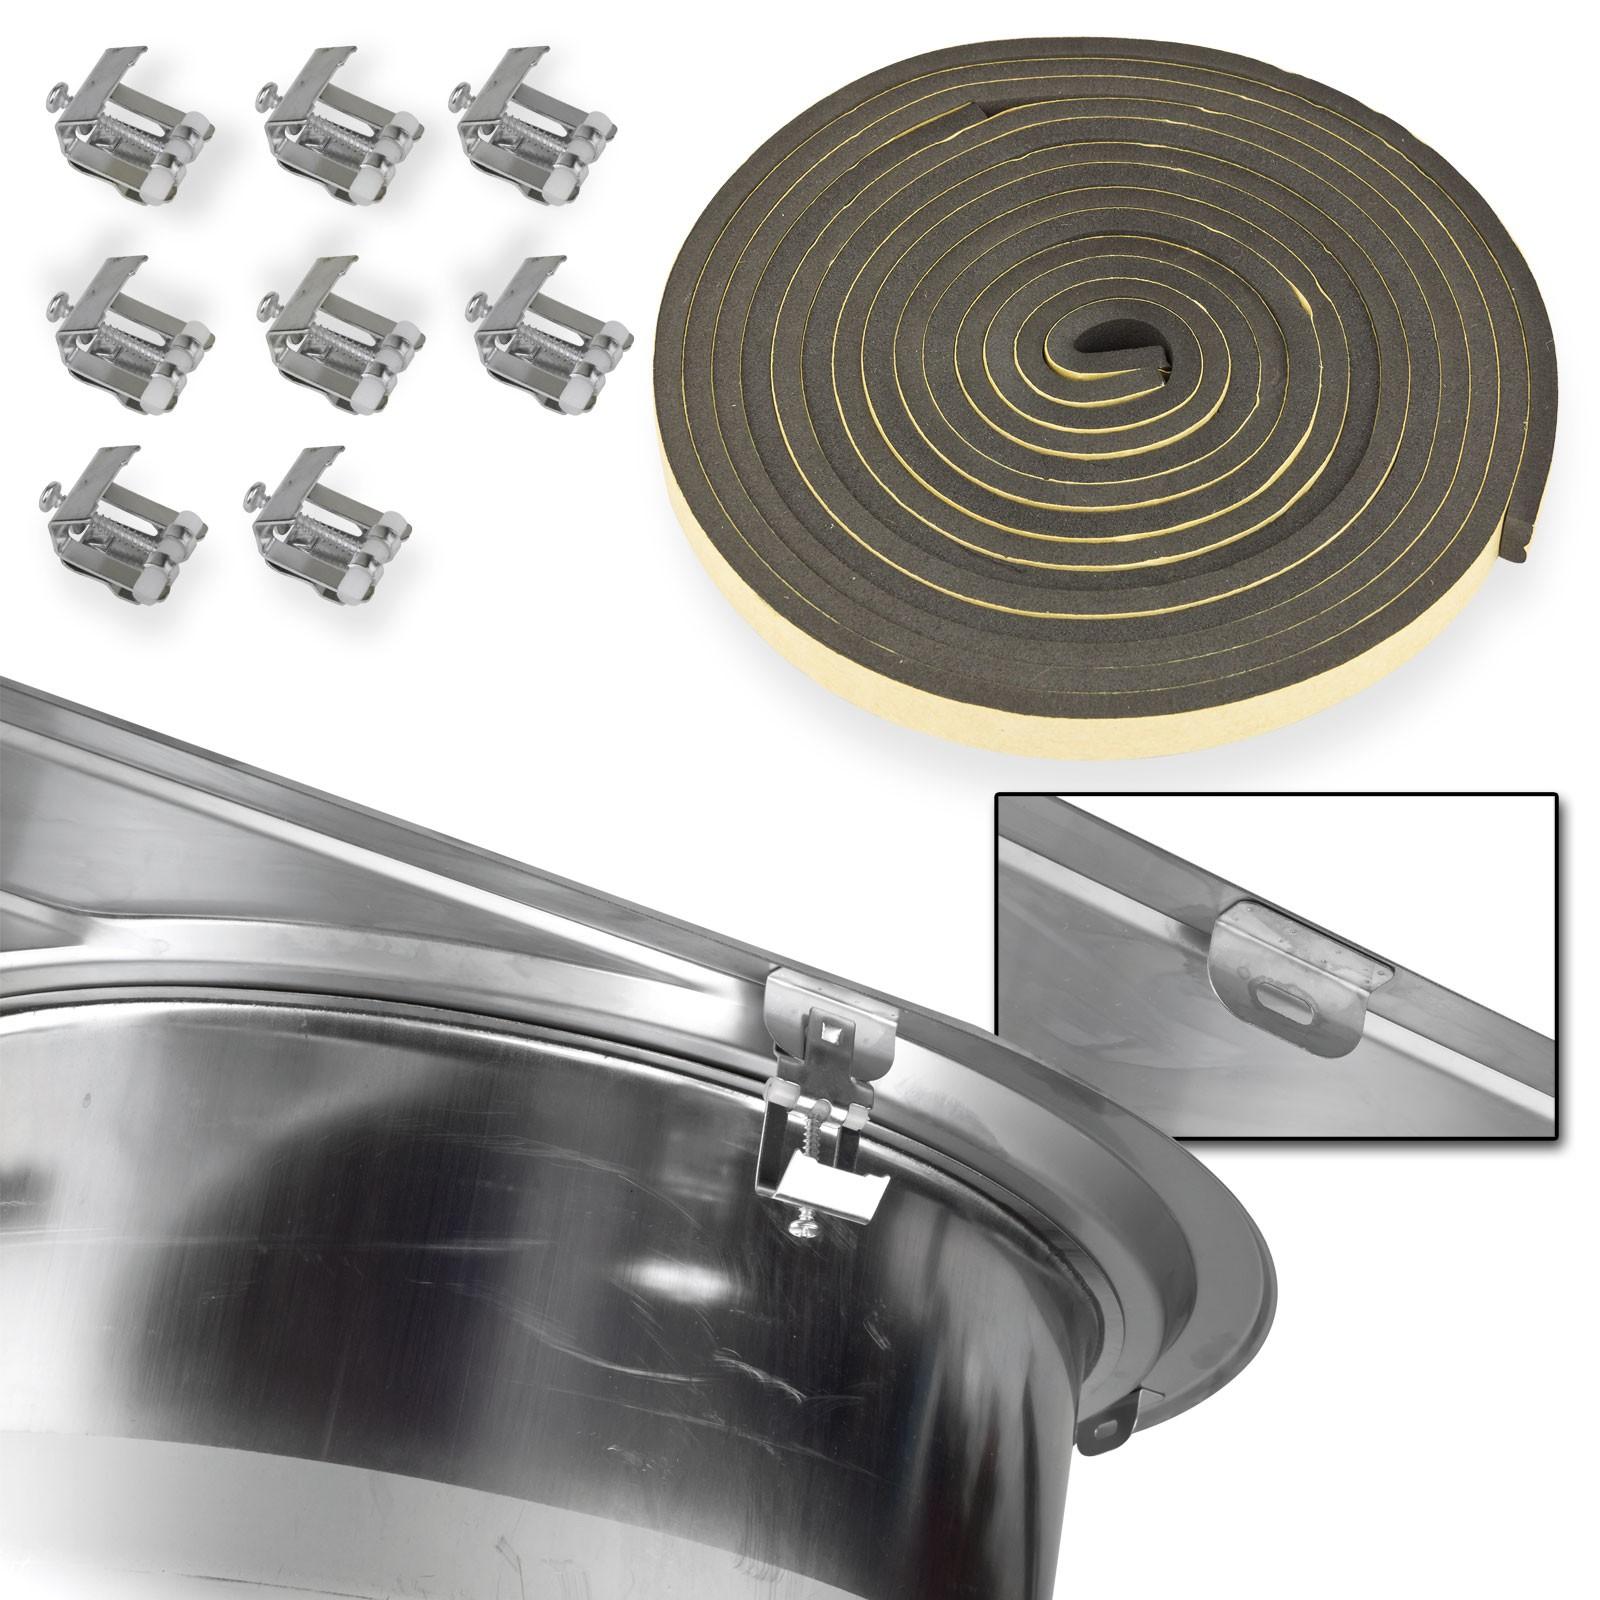 obi granitsp le k chengestaltung kleine k che. Black Bedroom Furniture Sets. Home Design Ideas